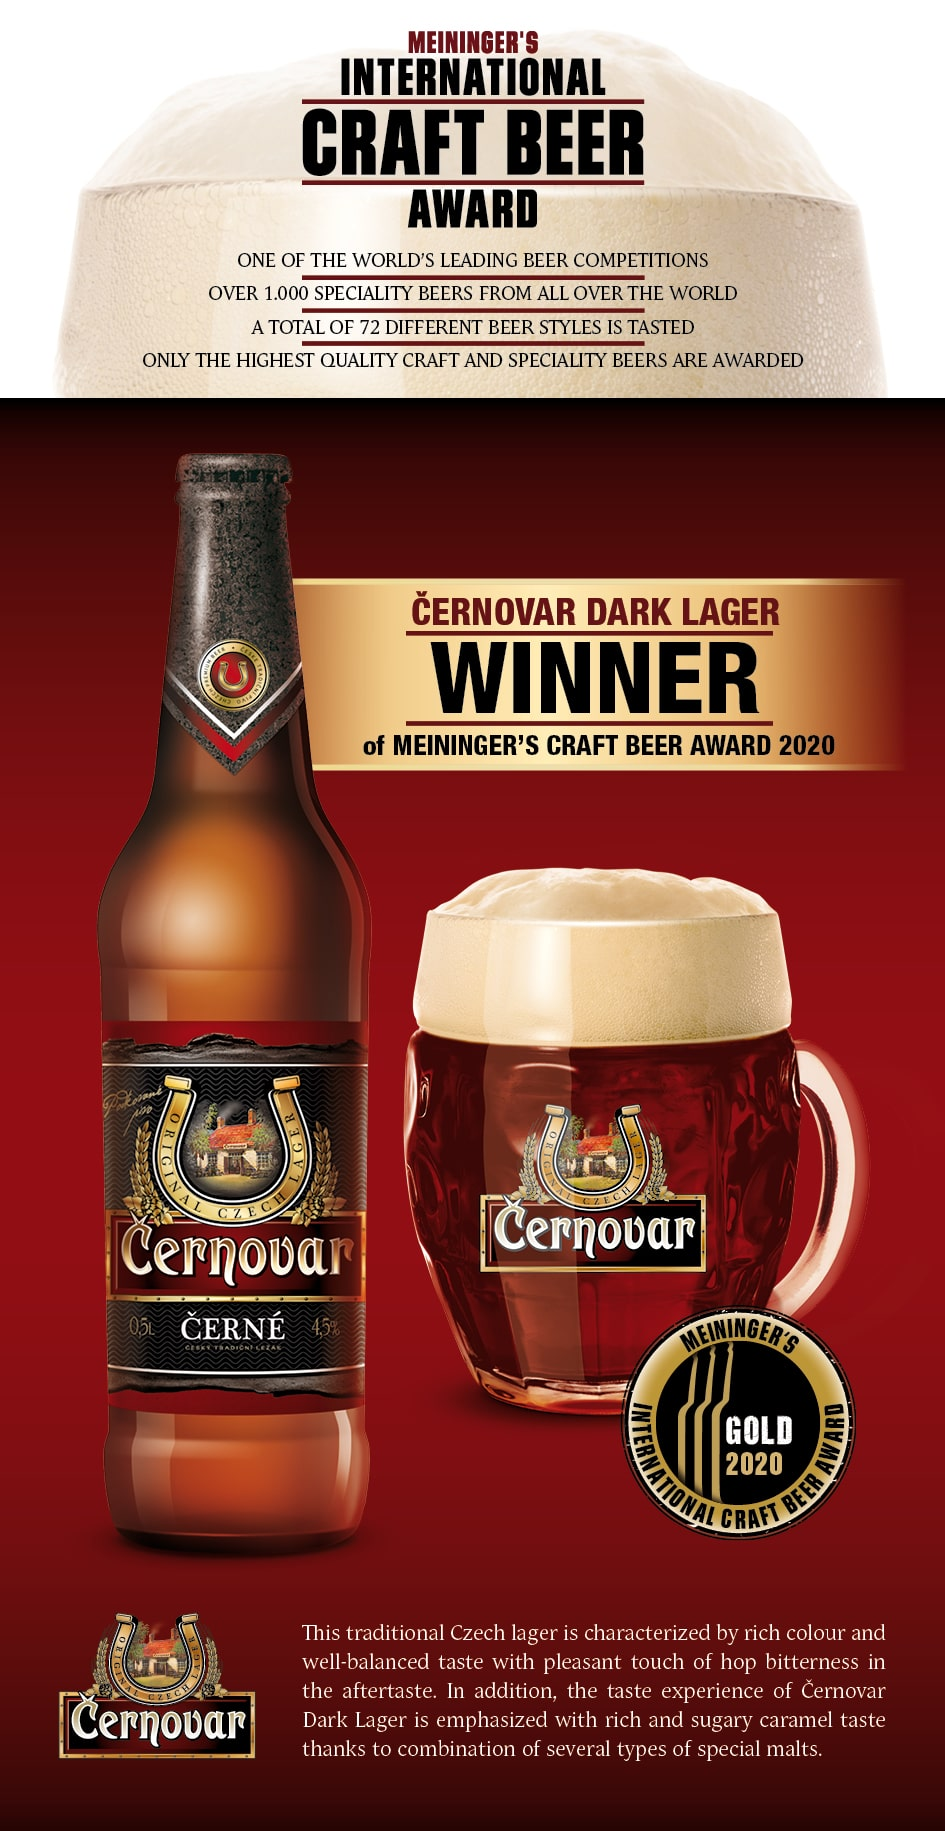 Černovar tmavý - zlato v súťaži Meininger's International Craft Beer Award